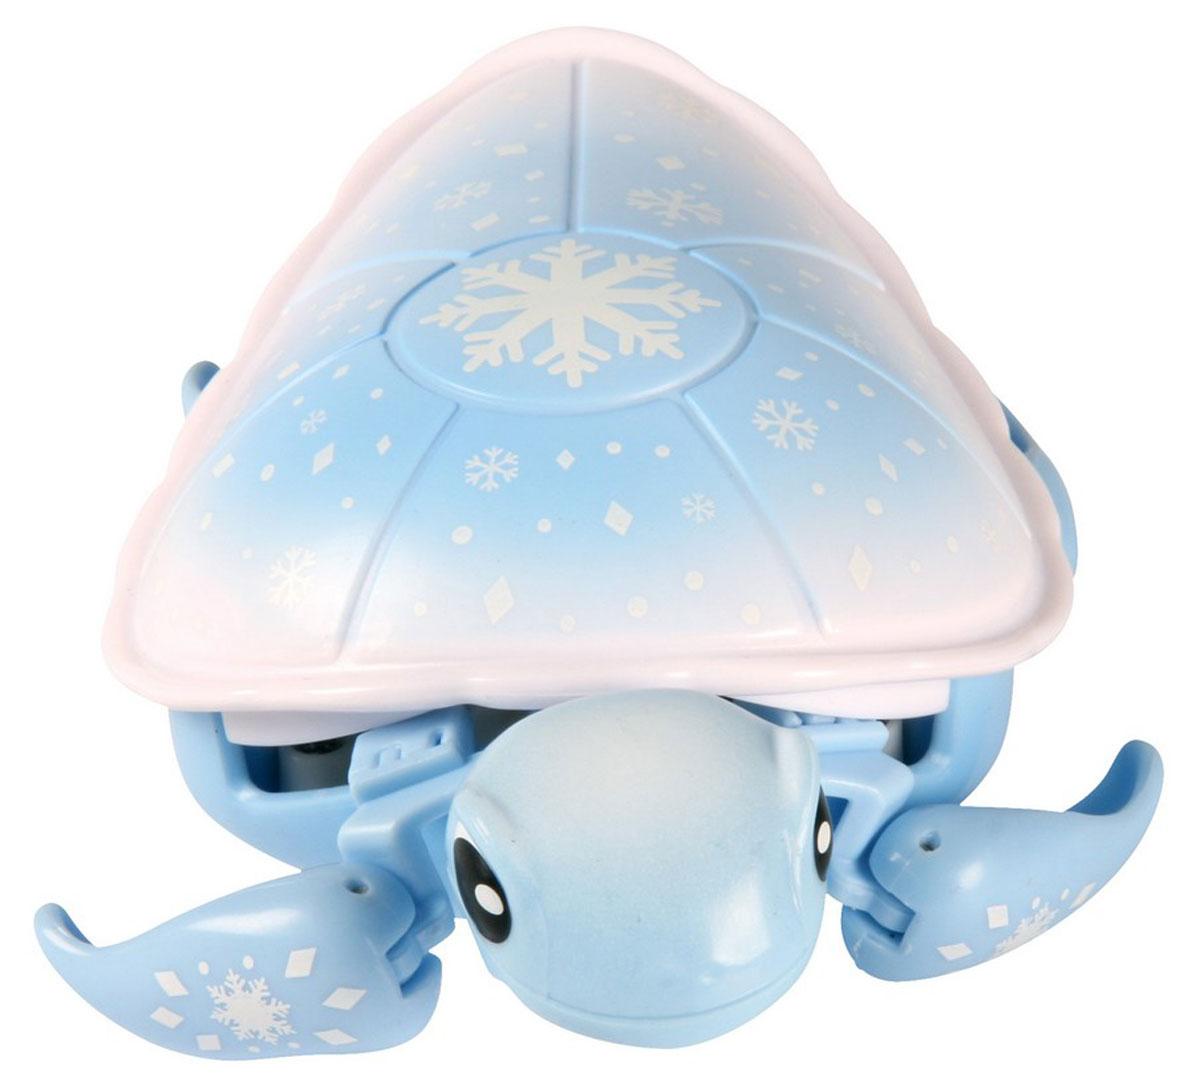 Moose Интерактивная игрушка Черепашка Powder цвет голубой28196/ast28095(28196,28197,28198,28199)Новинка среди интерактивных питомцев Little Live Pets – черепашки. Эти новые животные от Moose отлично ползают по суше и еще лучше плавают в воде. Ребенок спокойно сможет играться с ней во время купания. При движении черепашка передвигает ластами и шевелит головой словно живая. В ассортименте представлено 4 черепашки различных расцветок: зеленая, красная, белая, фиолетовая. Внимание! Для работы понадобится батарейка типа ААА. Она в комплект не входит. Батарейки необходимо приобретать отдельно. Голубая черепашка с бело-голубым панцирем. Игрушка рекомендована для детей в возрасте от 5 лет.